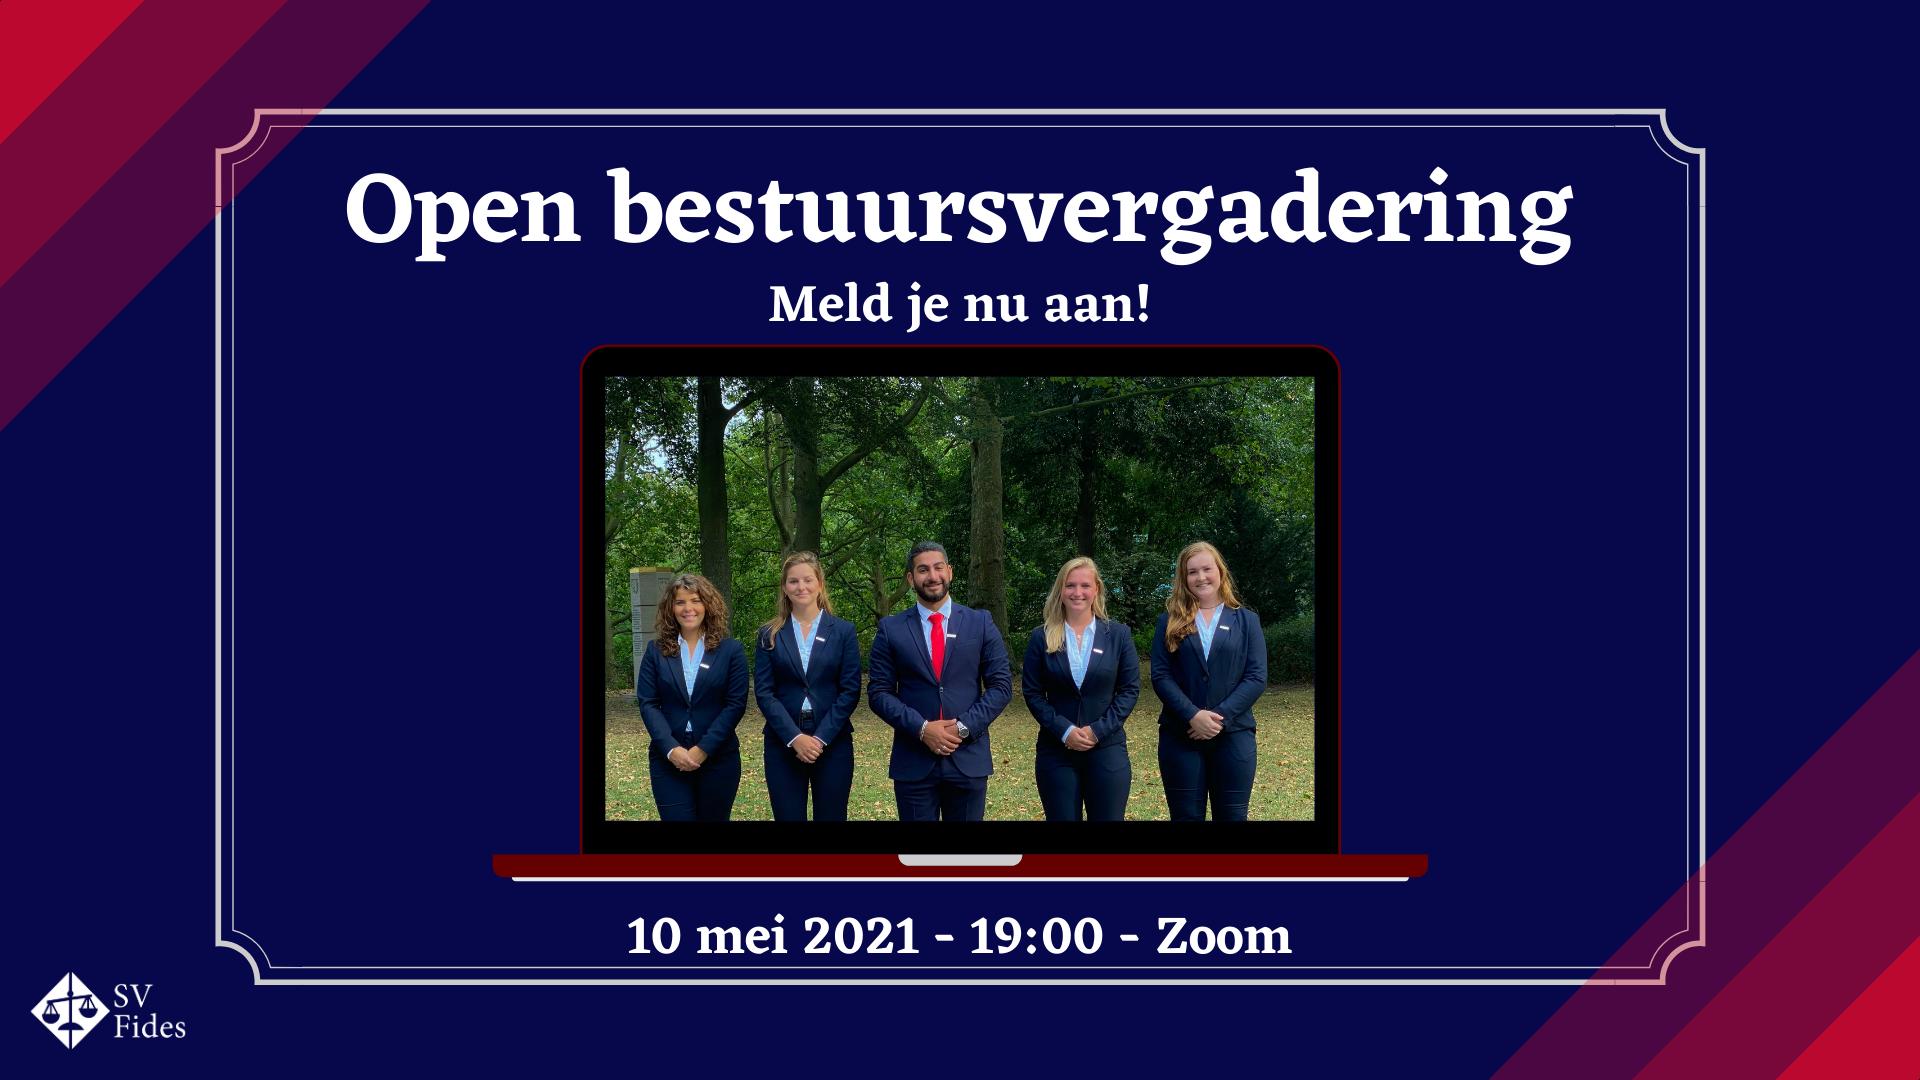 Open bestuursvergadering